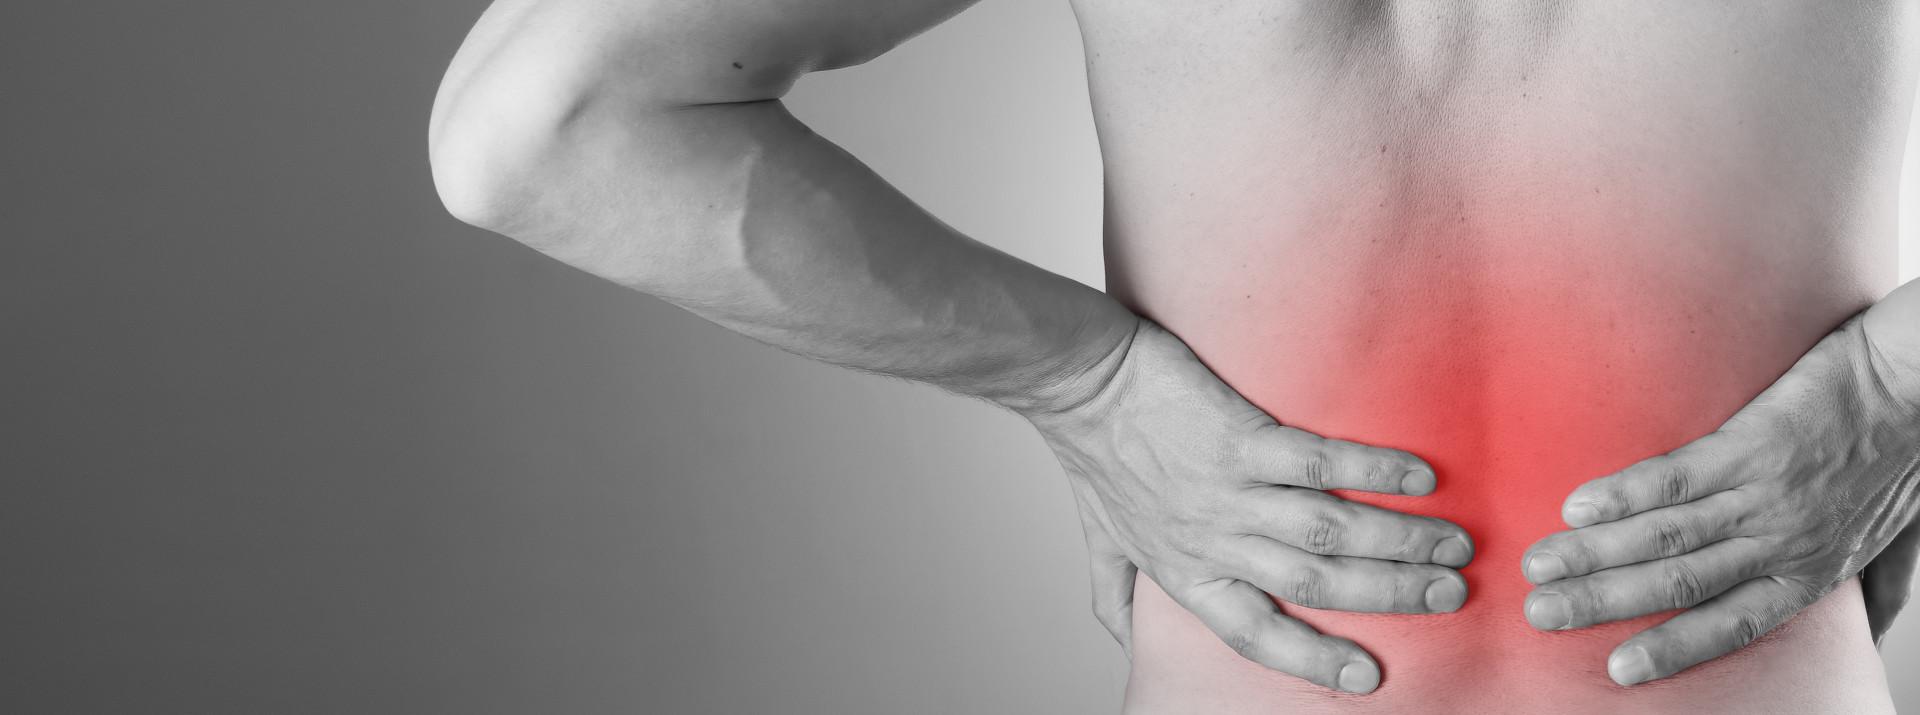 Tratamiento de lesiones y prevención